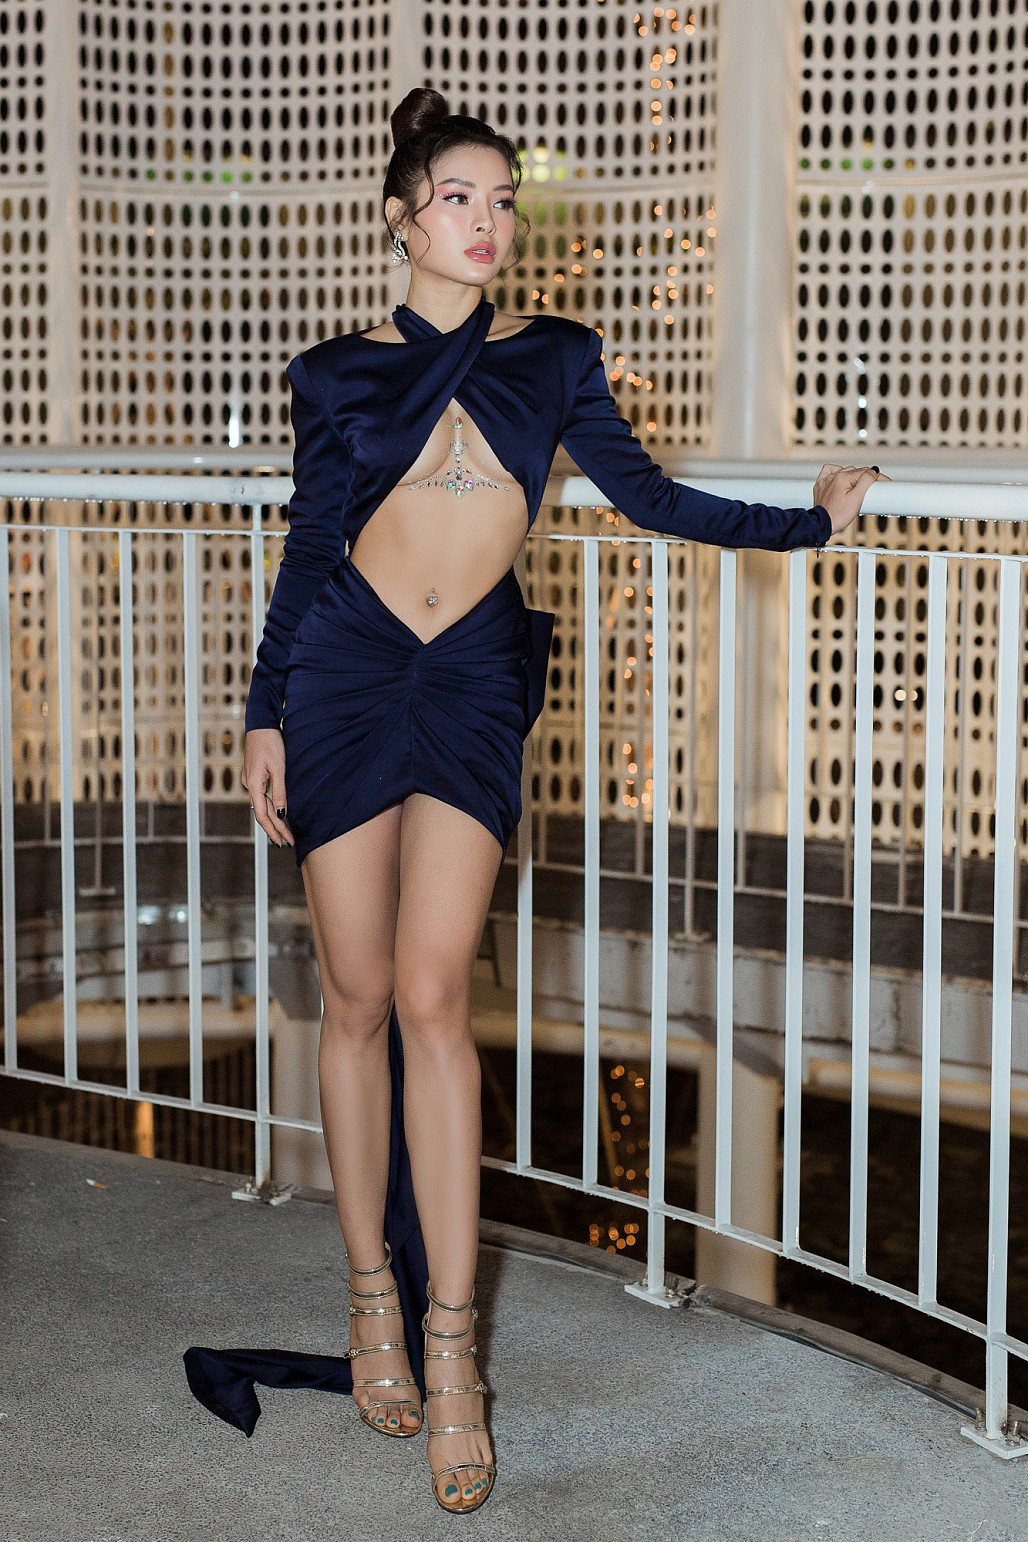 Không để kém cạnh chị em, Phương Trinh Jolie diện váy cắt xẻ táo bạo khoe nửa bầu ngực khiến nhiều người 'đỏ mặt' - Ảnh 1